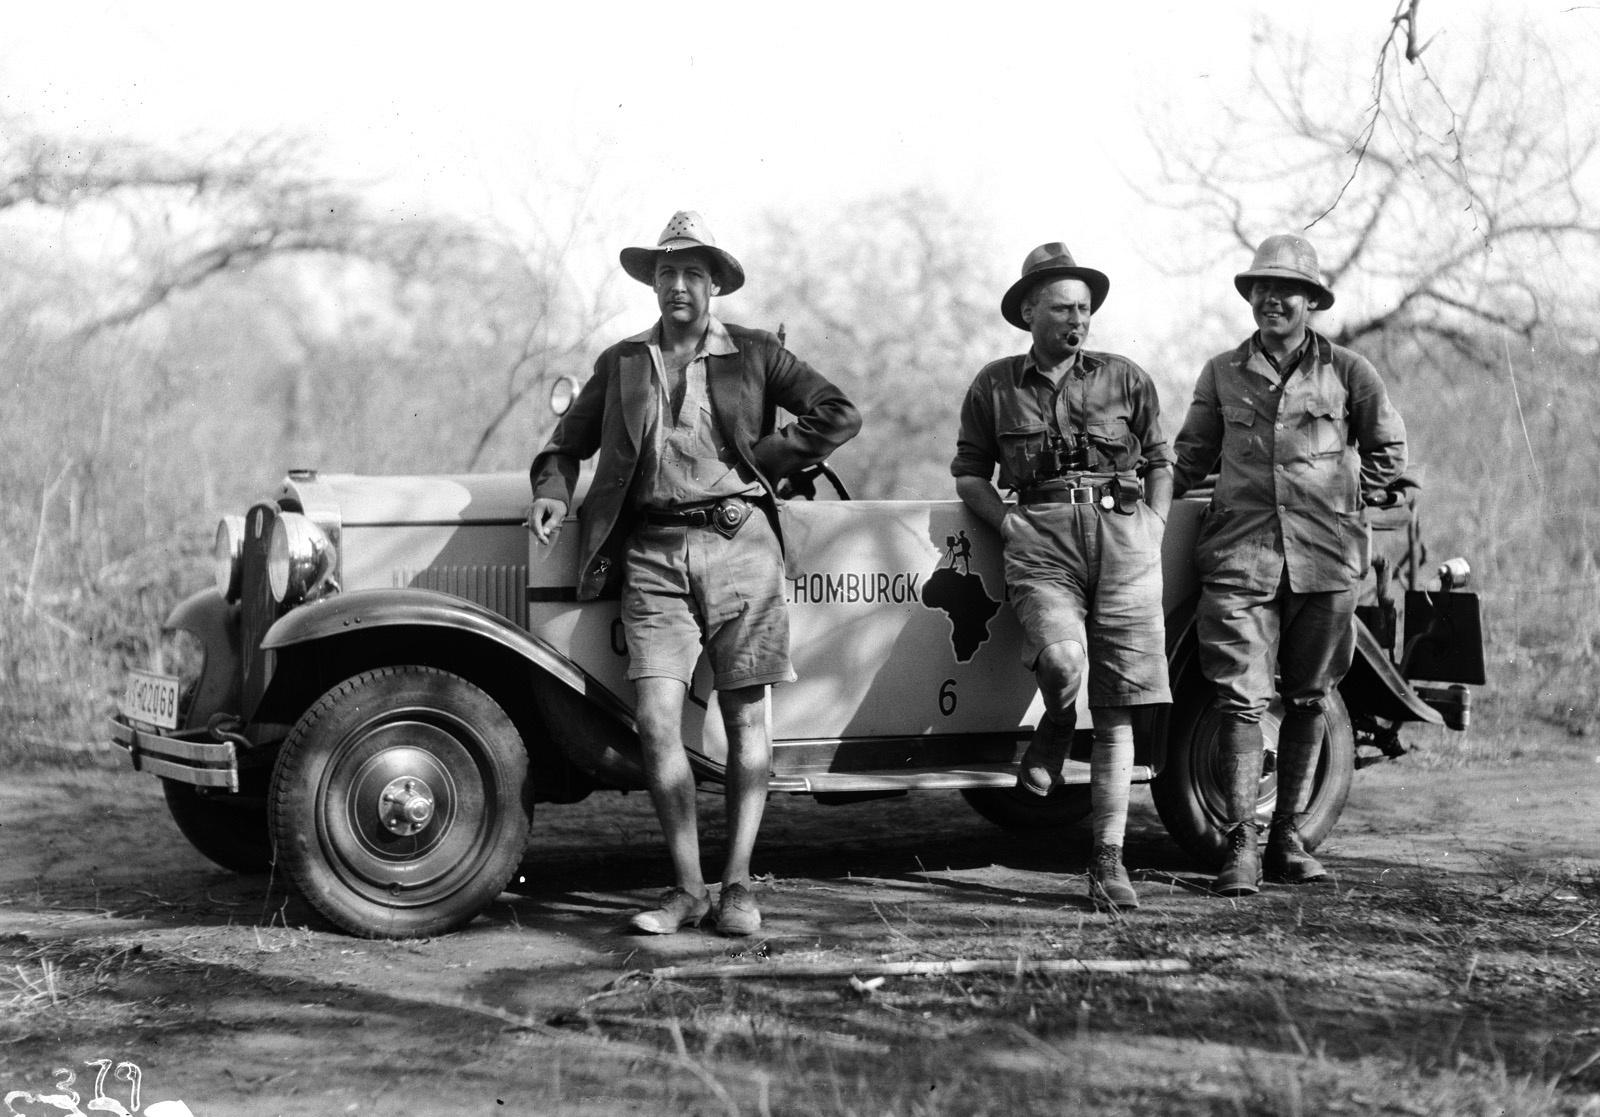 Квазулу-Наталь. Умфолози. Пол Либеренц, Ханс Шомбургк и еще один участник экспедиции перед экспедиционным автомобилем